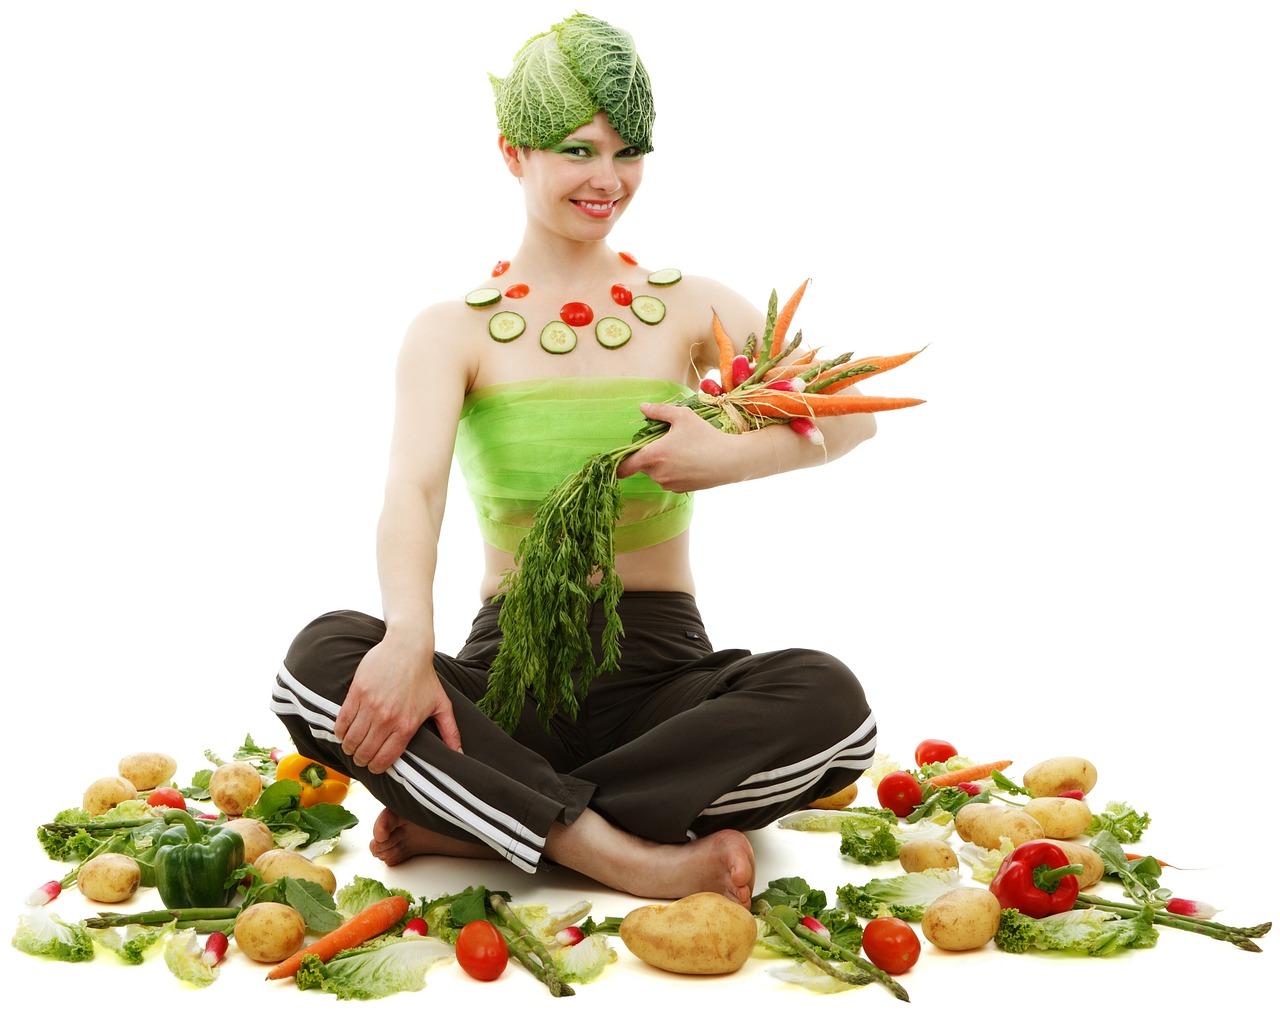 食事制限・規則正しい食生活